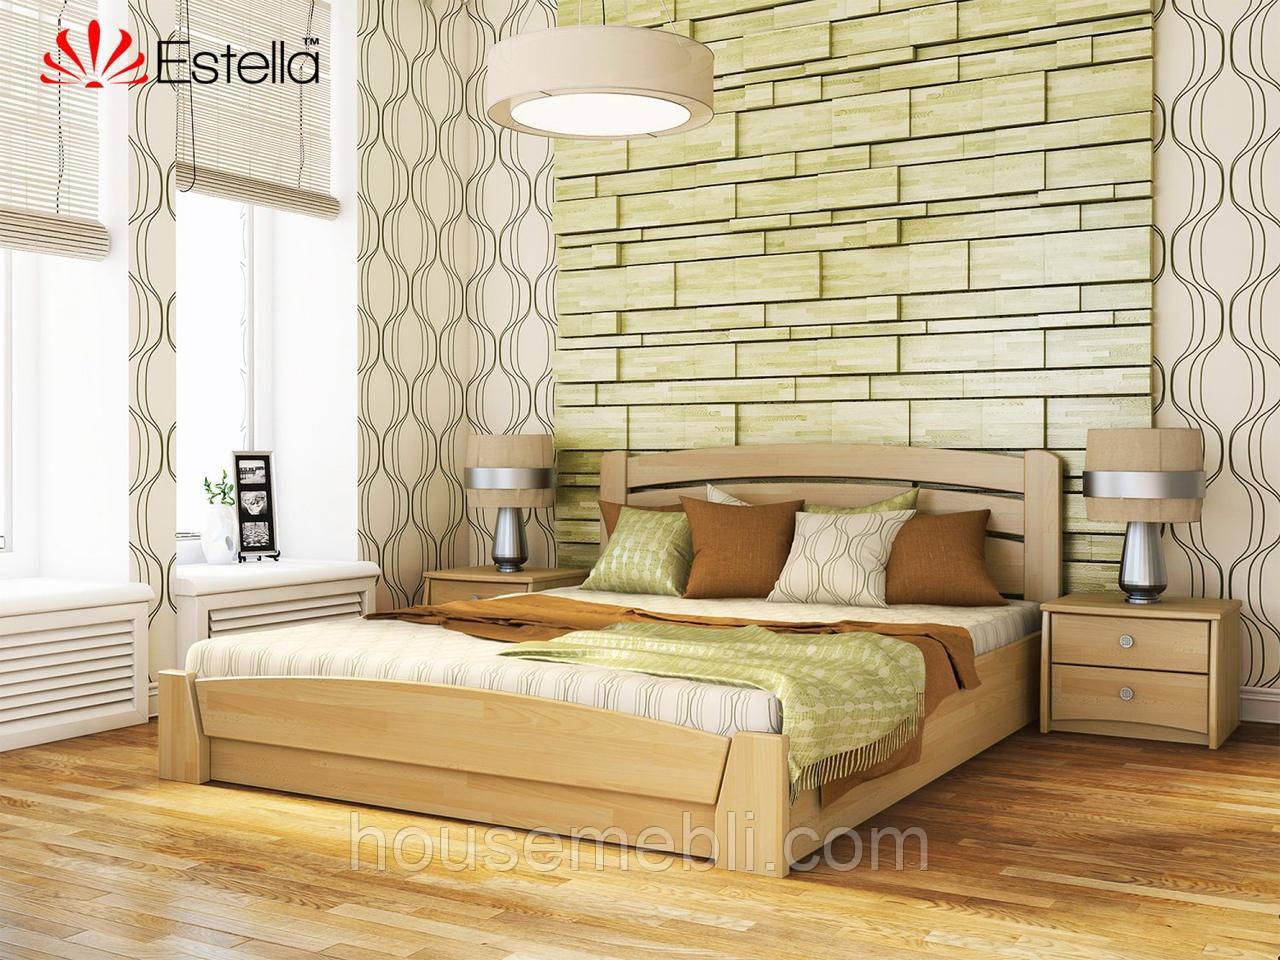 Деревянная кровать Селена АУРИ(щит) 120*200